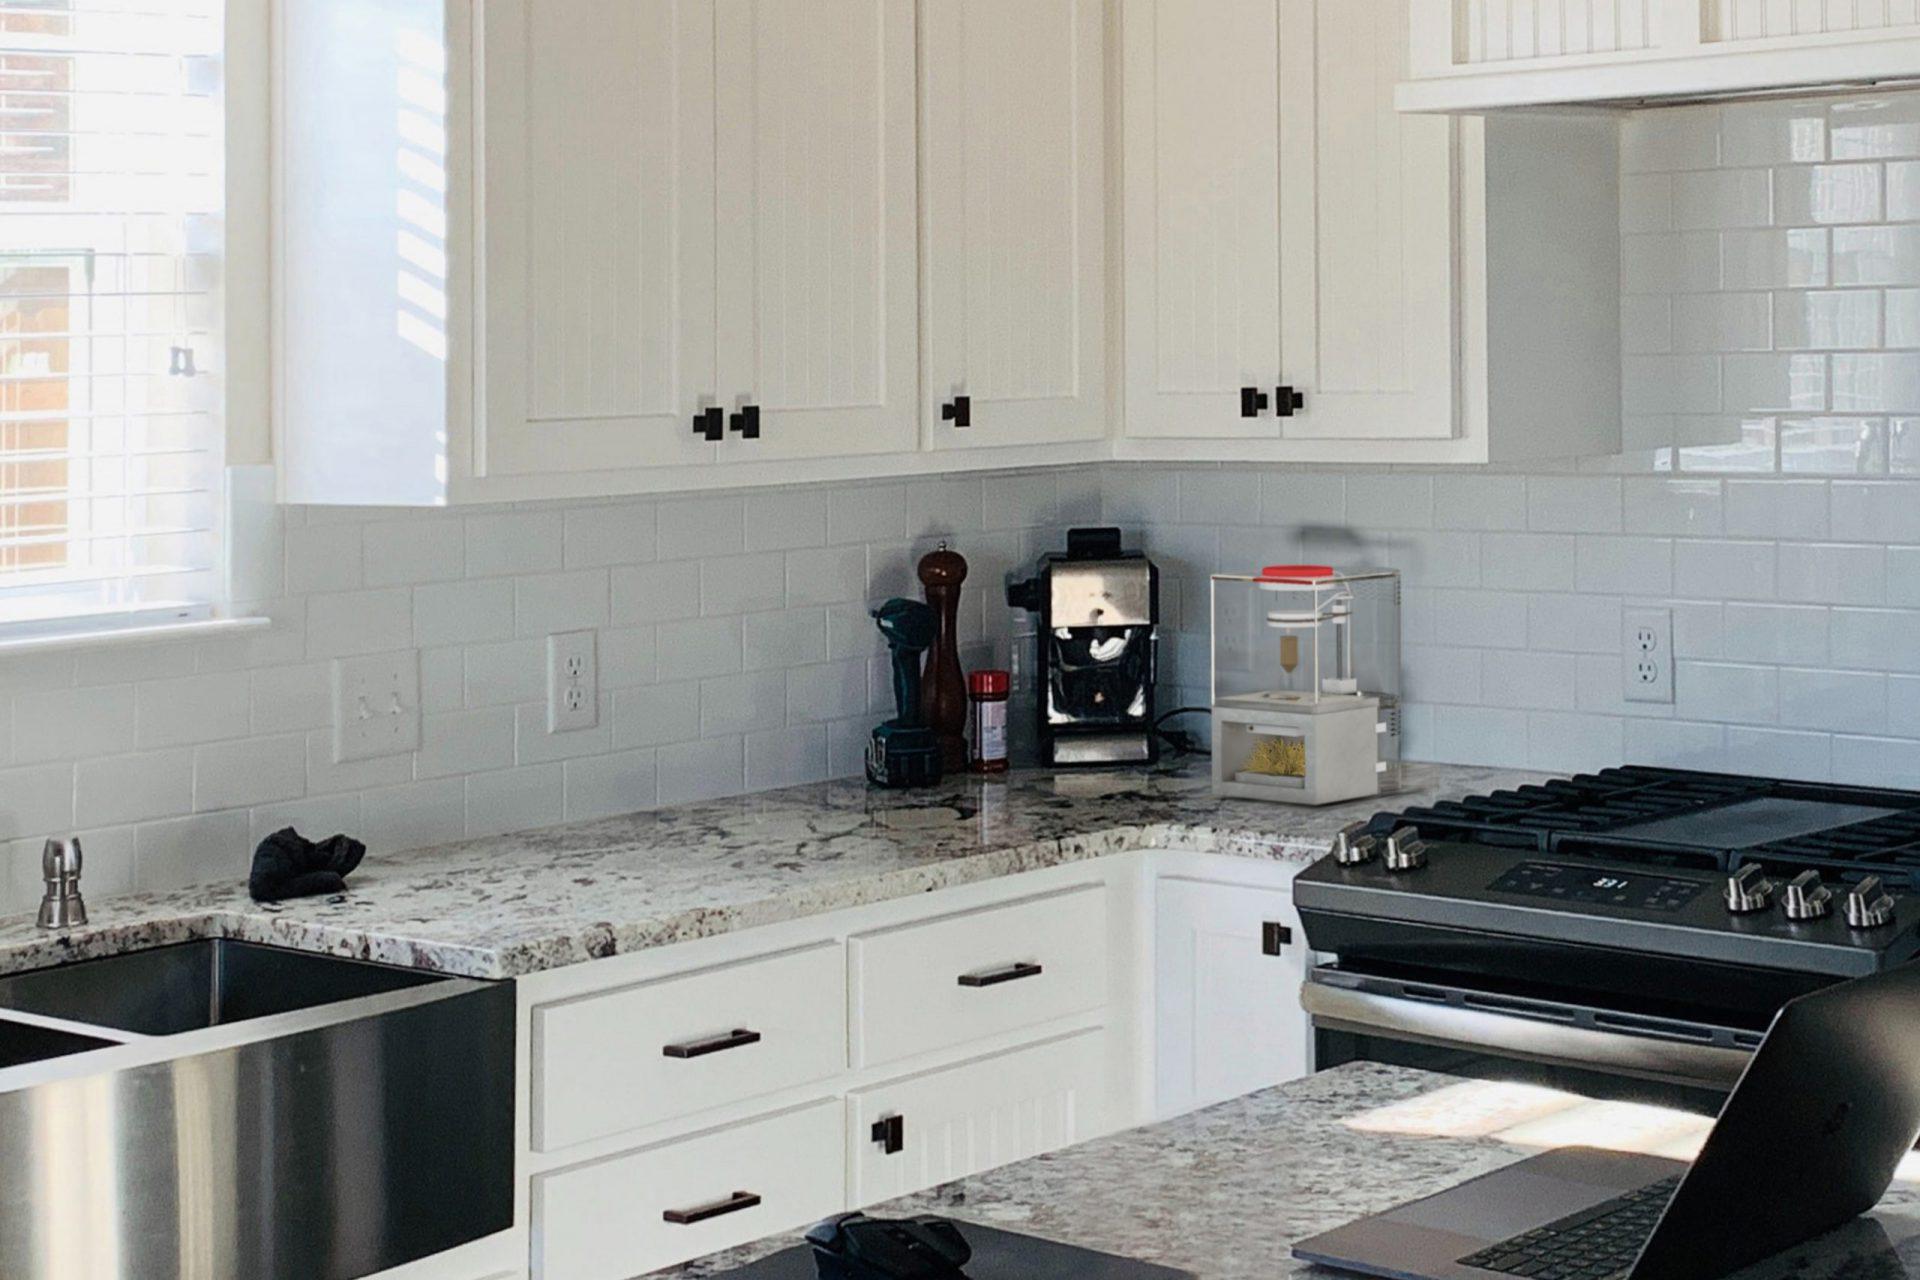 fire-starter-context-kitchen